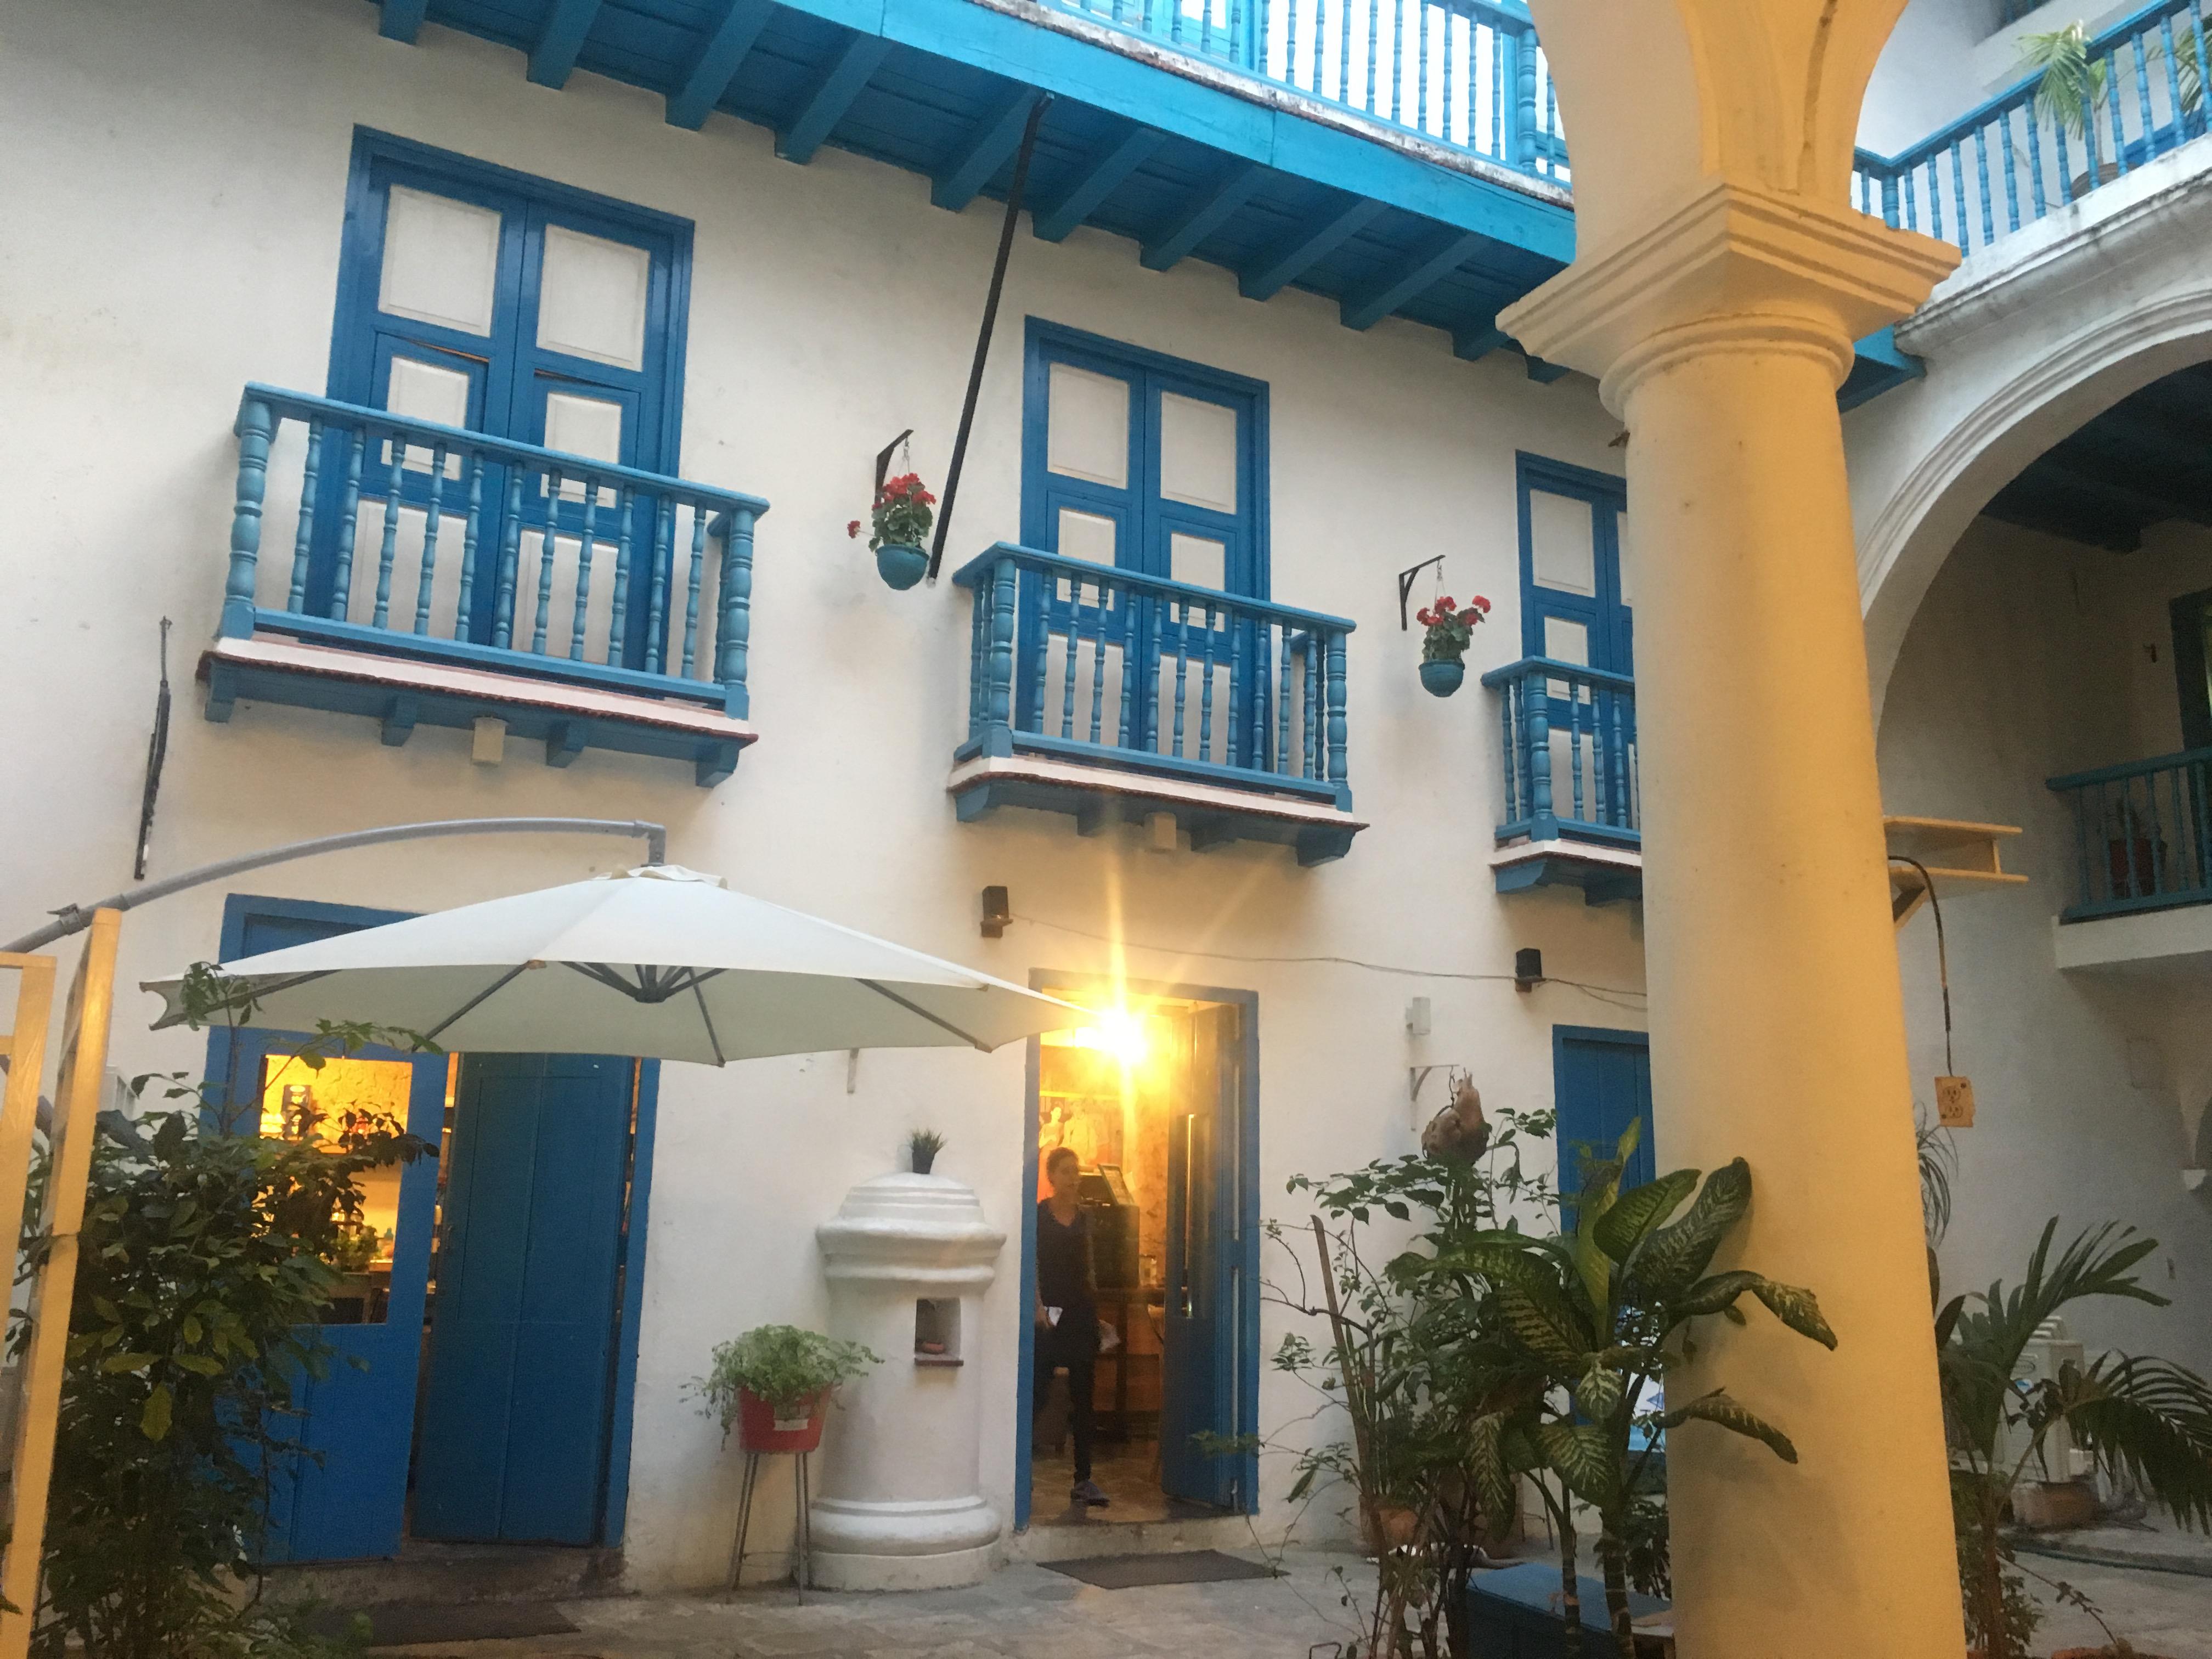 Cuba - Havana Cafè Bohemia